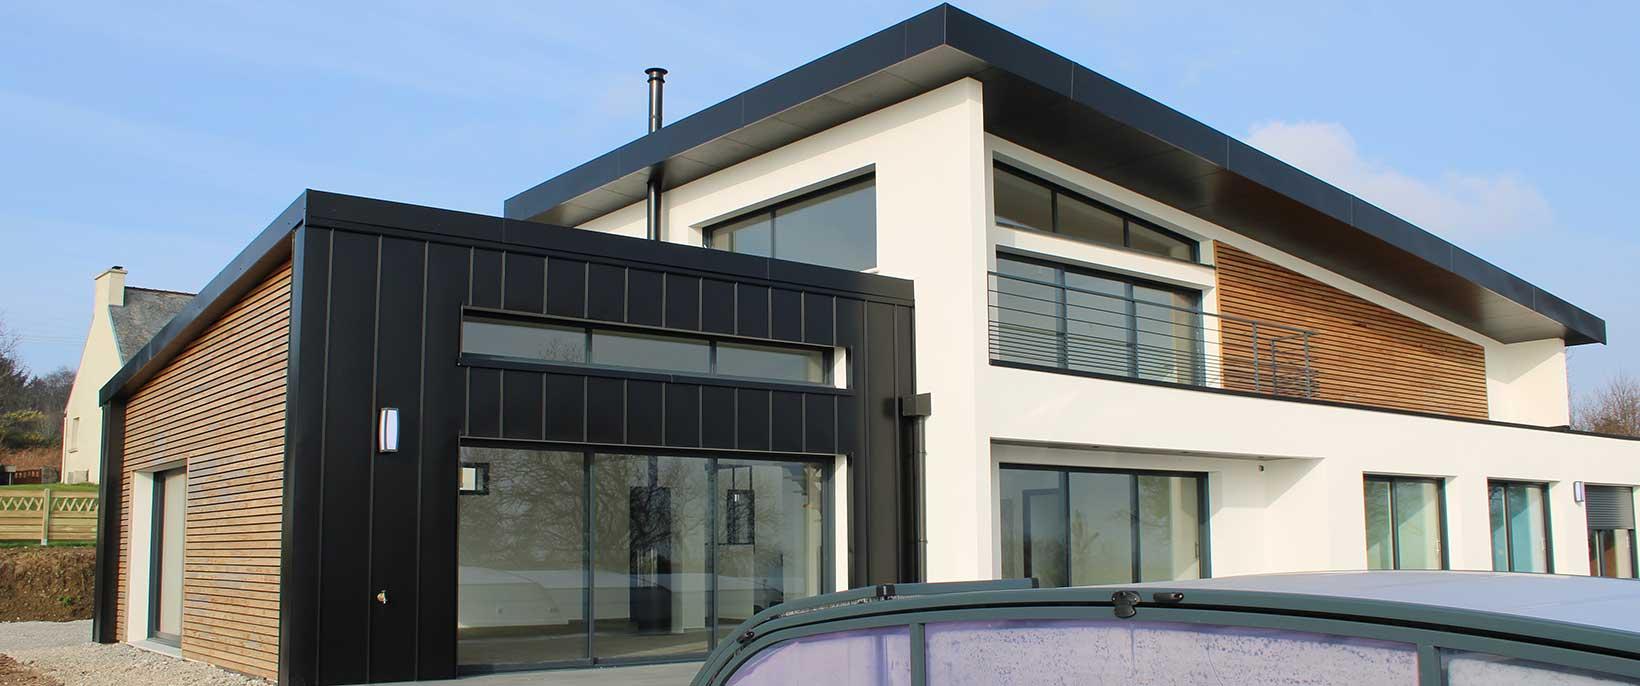 Architecte D Intérieur Brest constructeur de maison architecture haut de gamme à brest